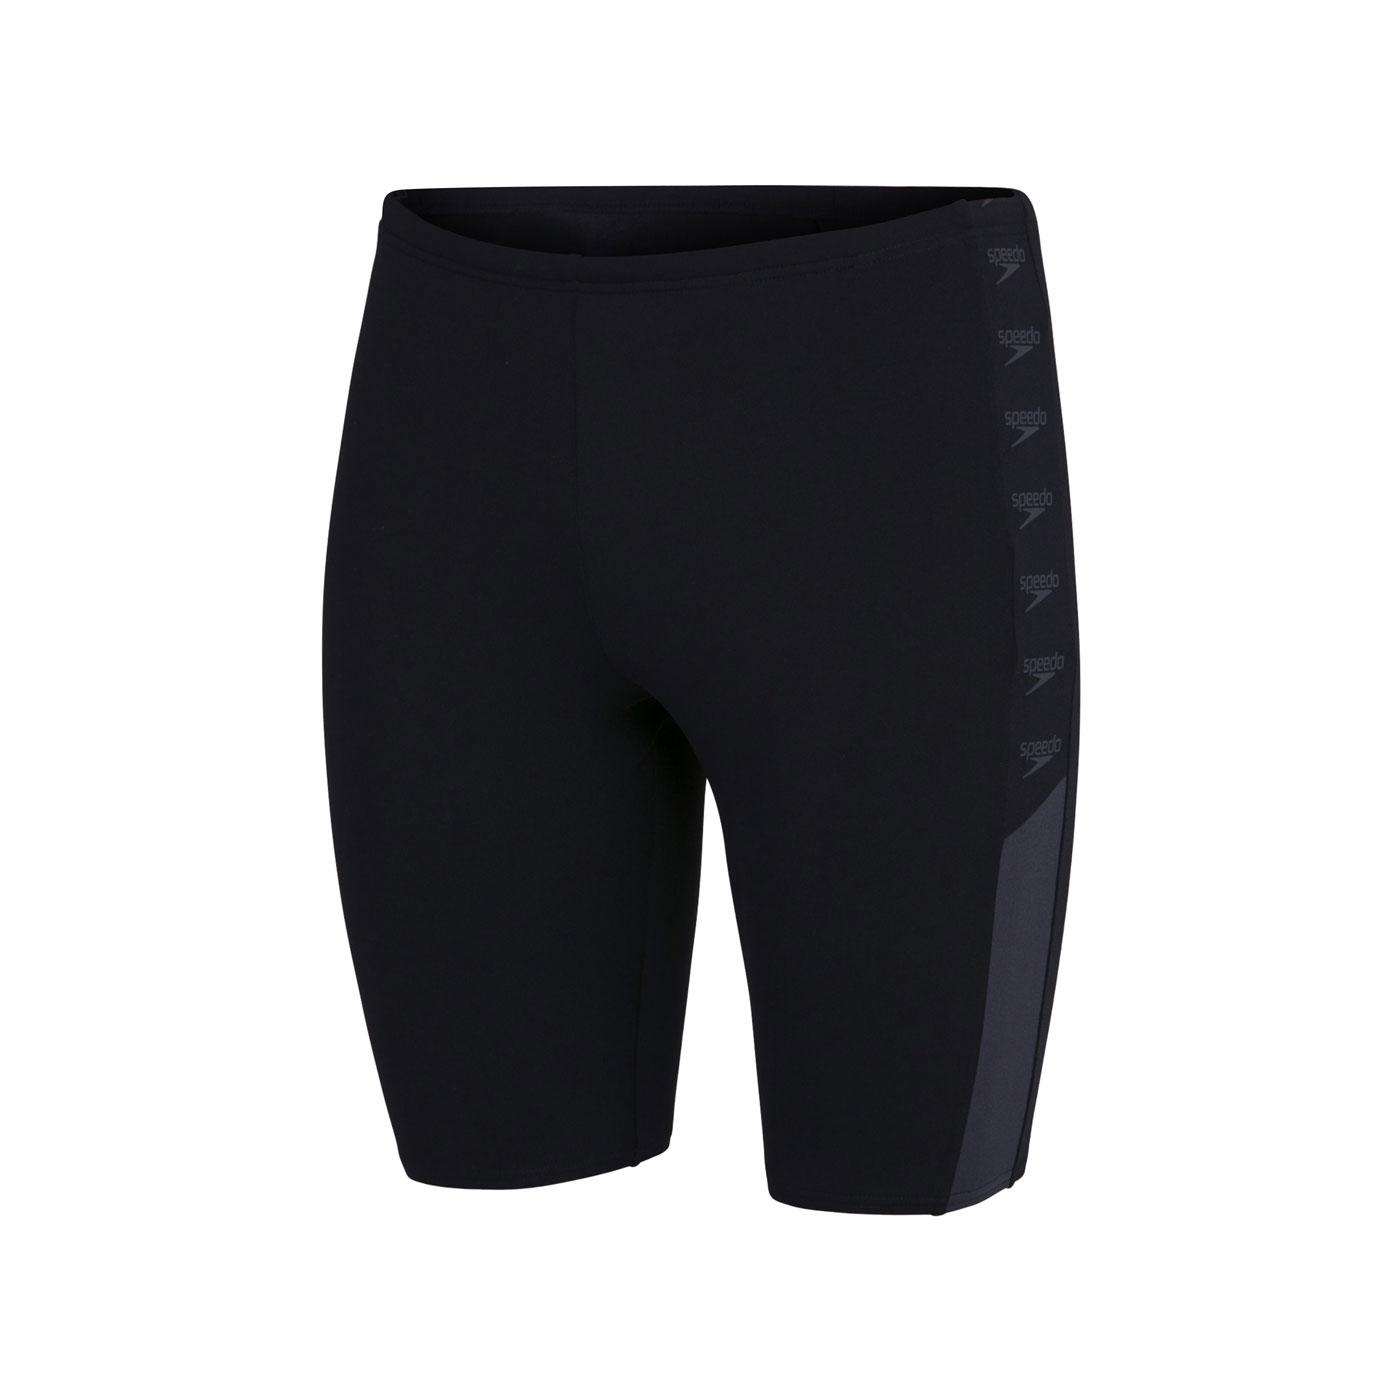 SPEEDO 男款運動及膝泳褲 SD8128229023 - 黑灰